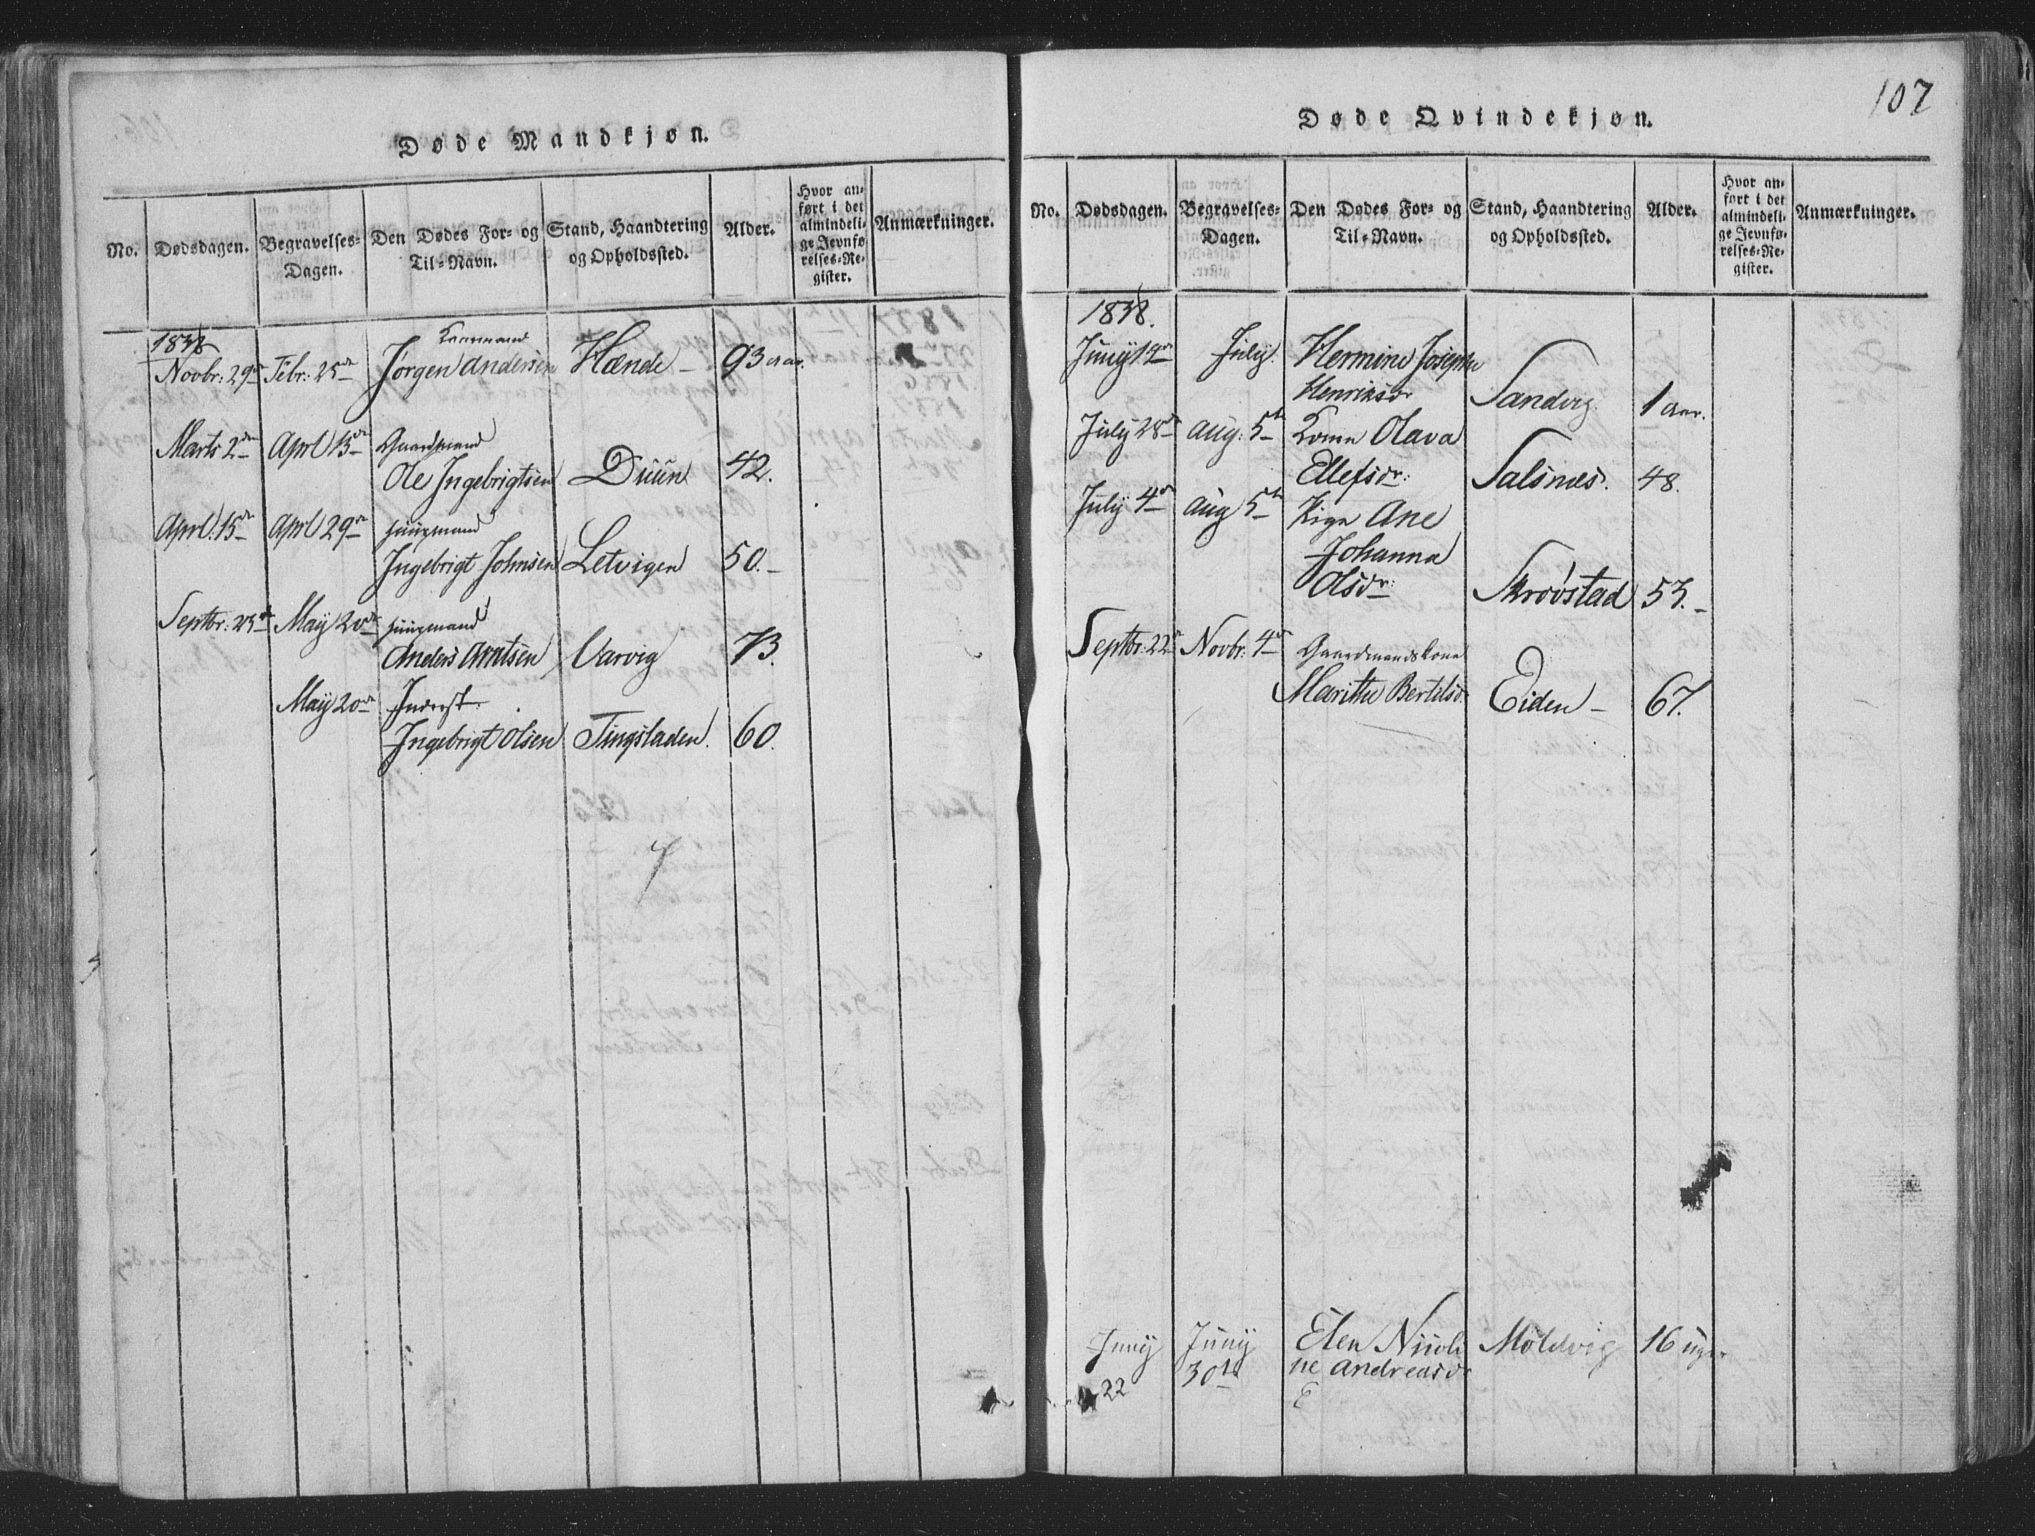 SAT, Ministerialprotokoller, klokkerbøker og fødselsregistre - Nord-Trøndelag, 773/L0613: Ministerialbok nr. 773A04, 1815-1845, s. 107